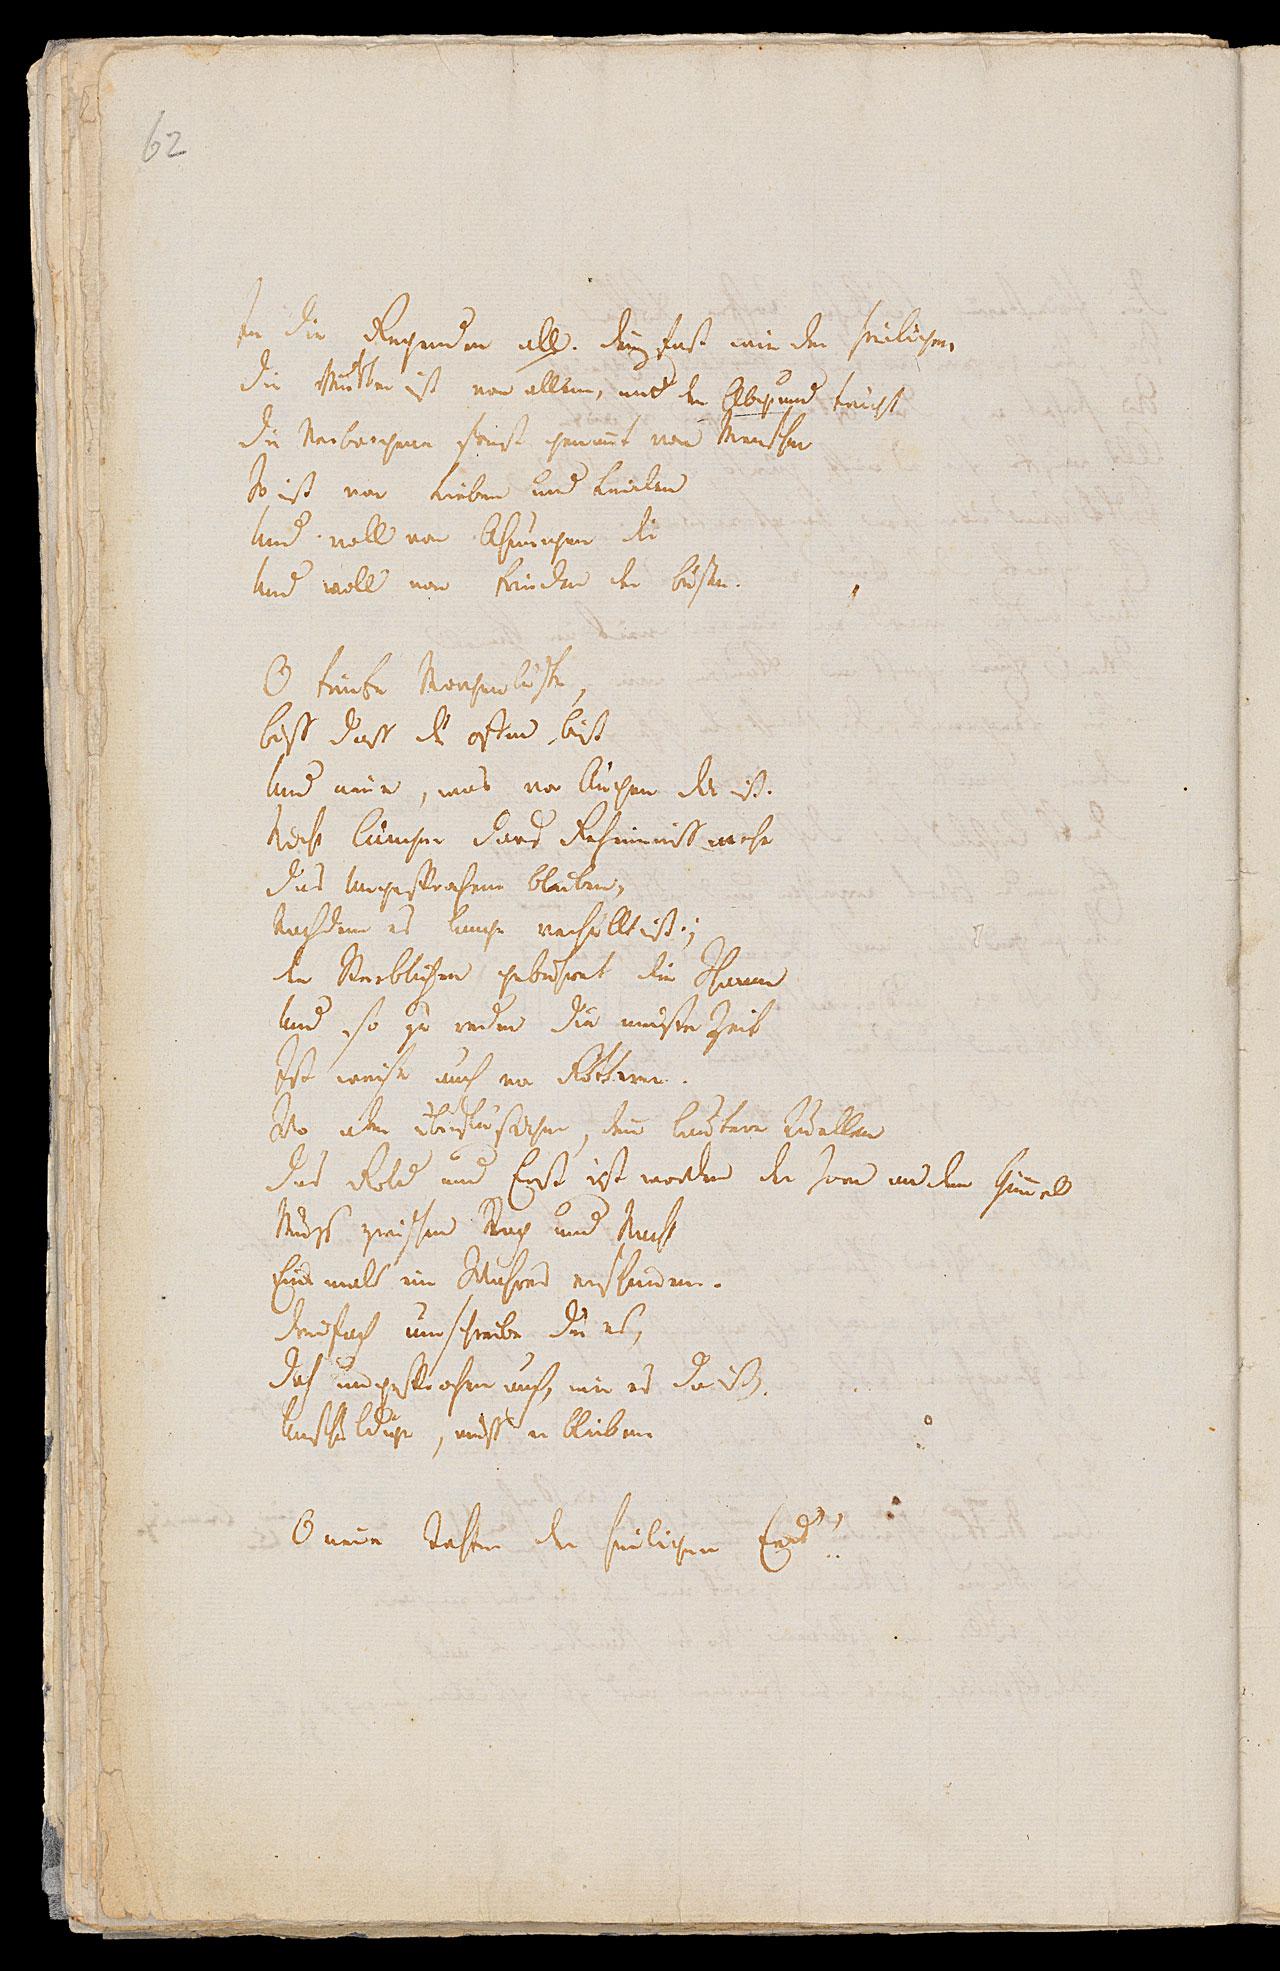 Friedrich Hölderlin, Homburger Folioheft, Seite 62, Germanien, Handschrift